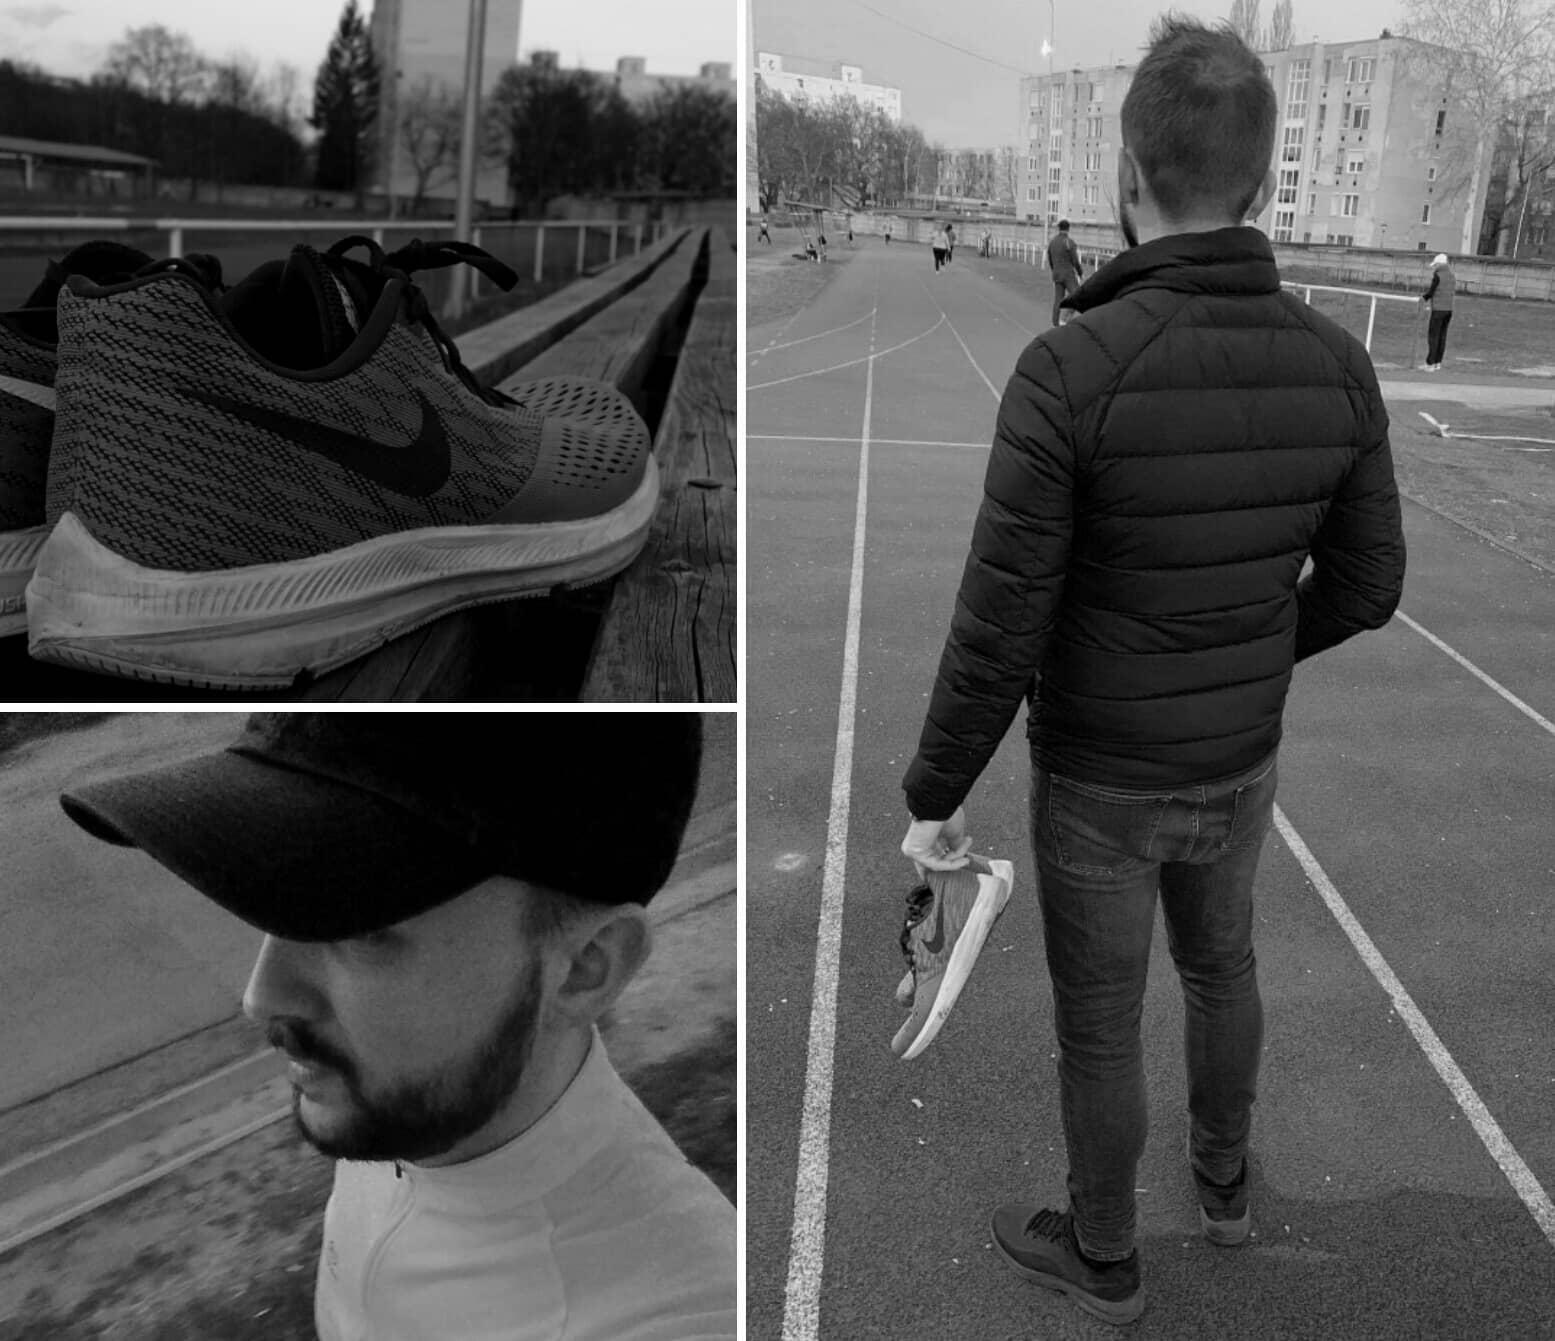 """""""Hát már te is futsz?"""" - avagy egy törött álomból ezernyi kilométer"""